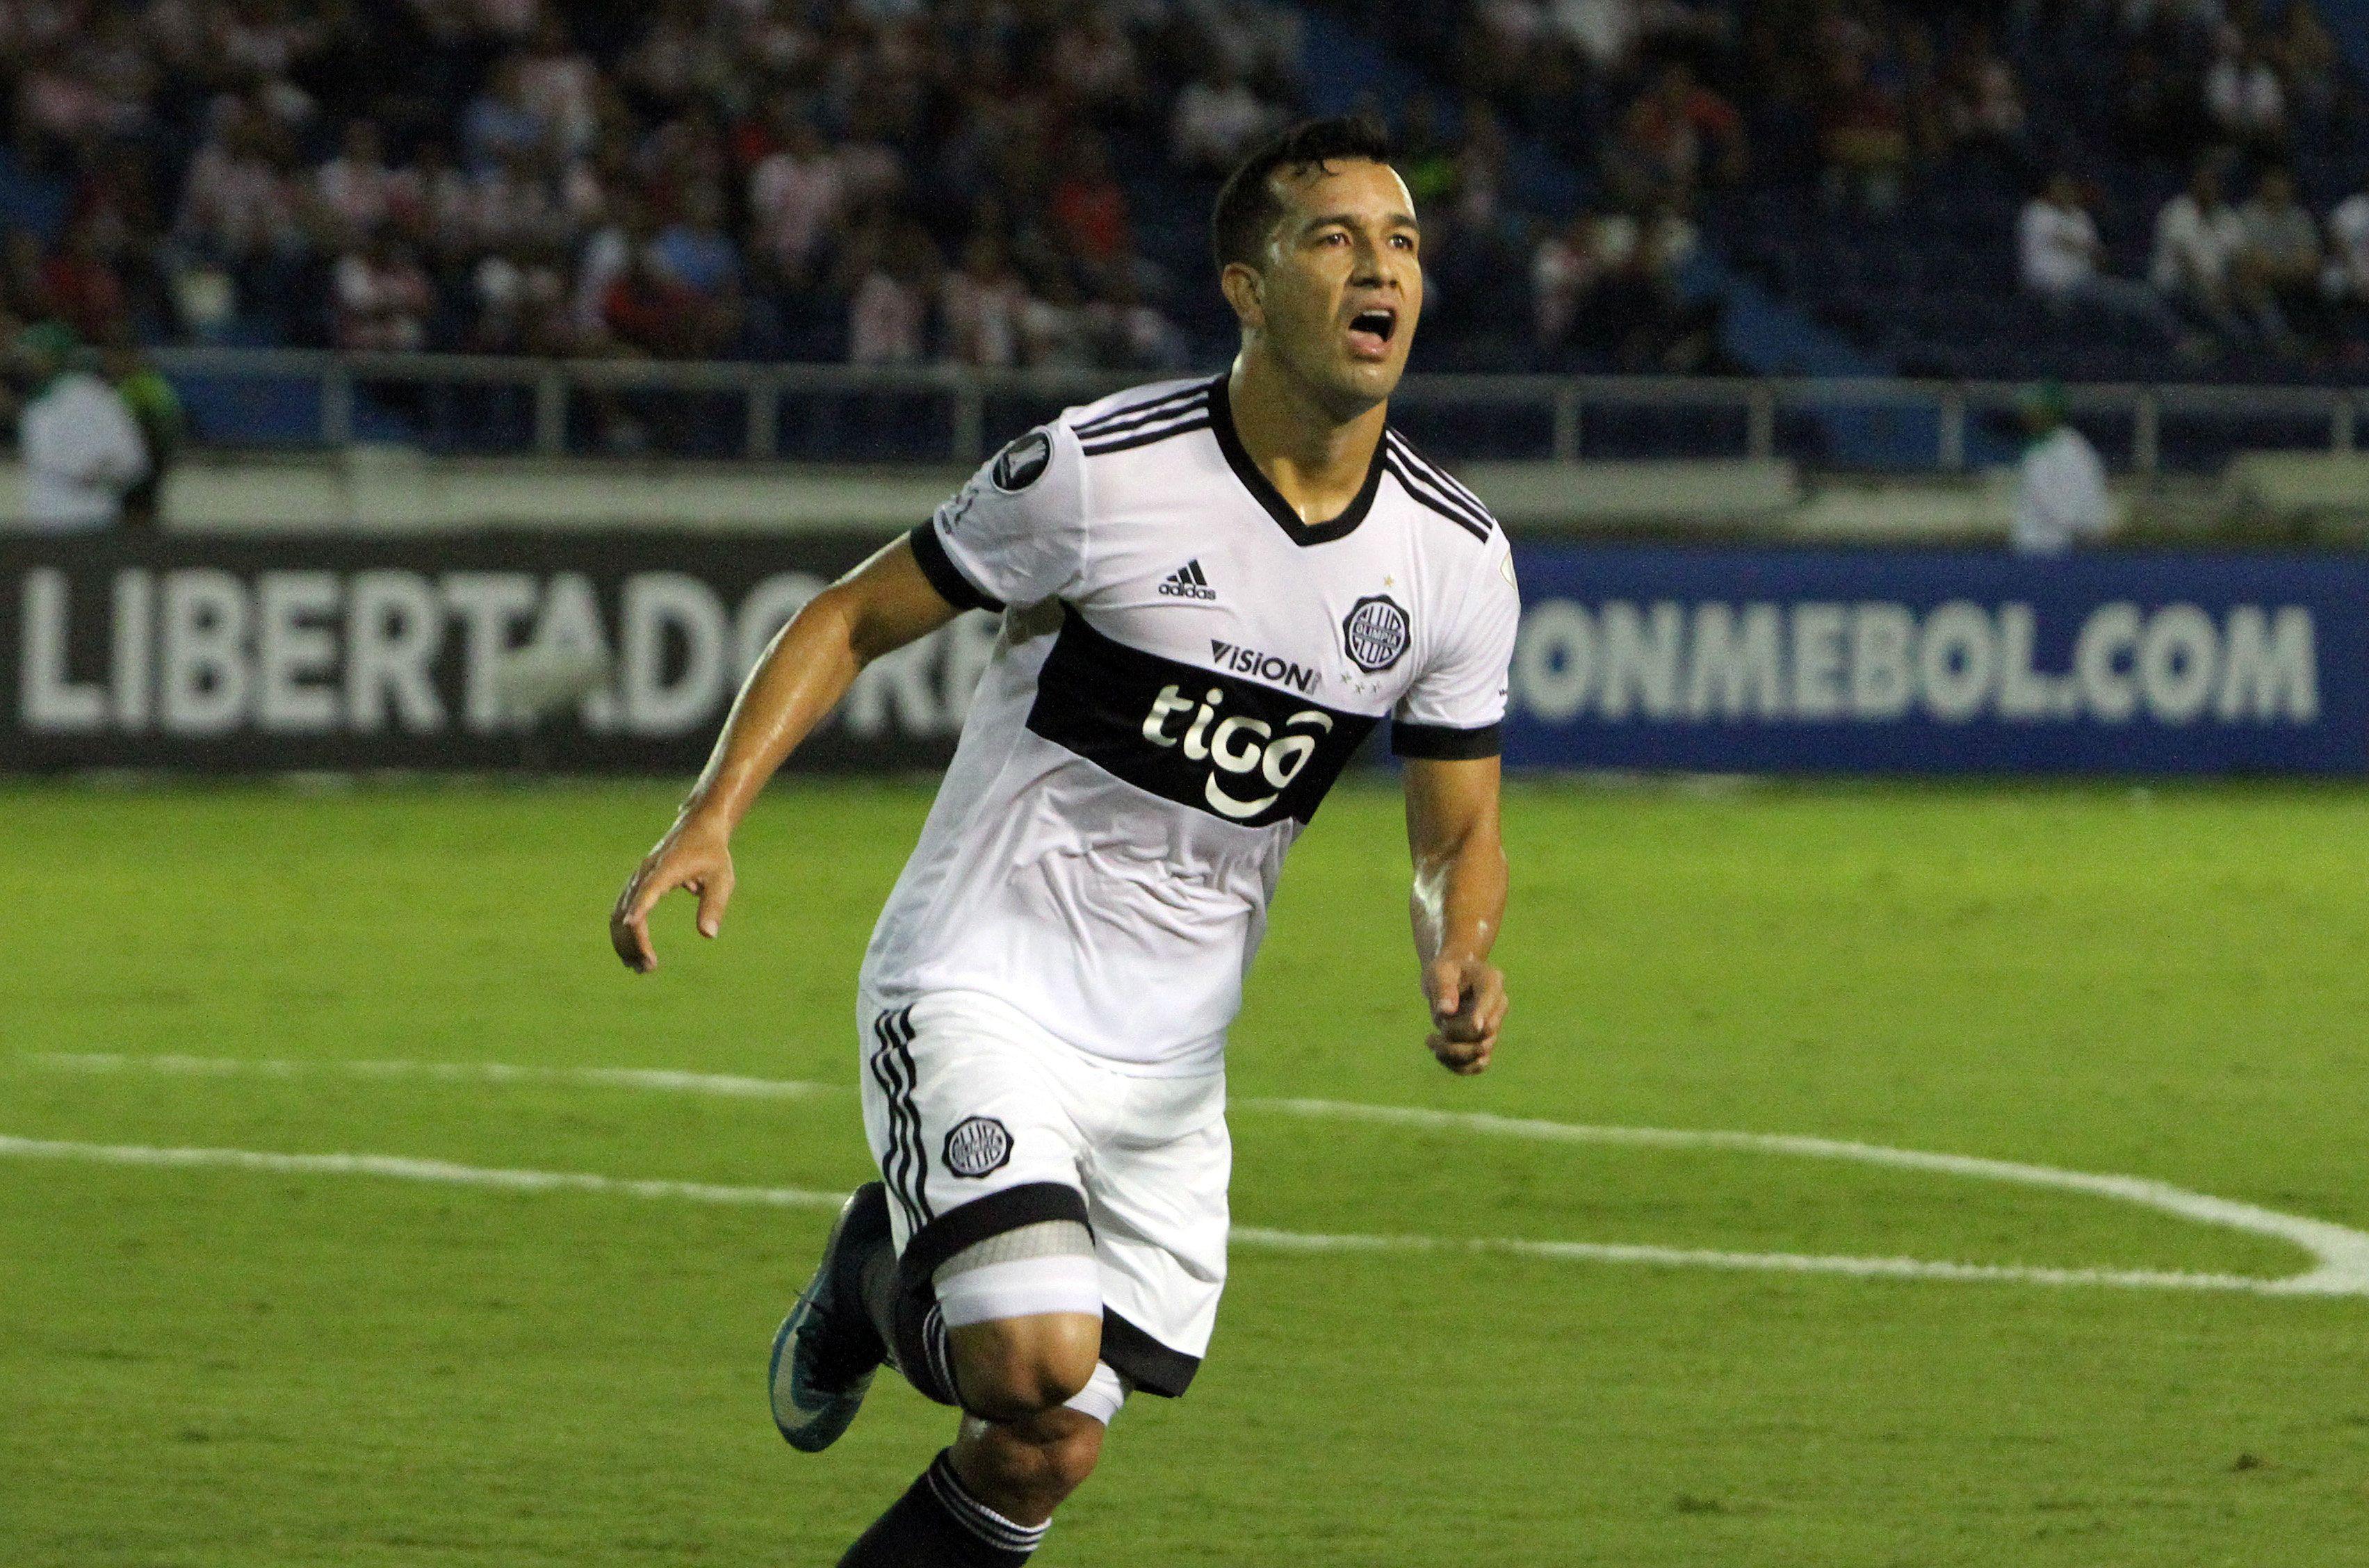 Camacho anotó el gol de Olimpia en Colombia. Foto: EFE